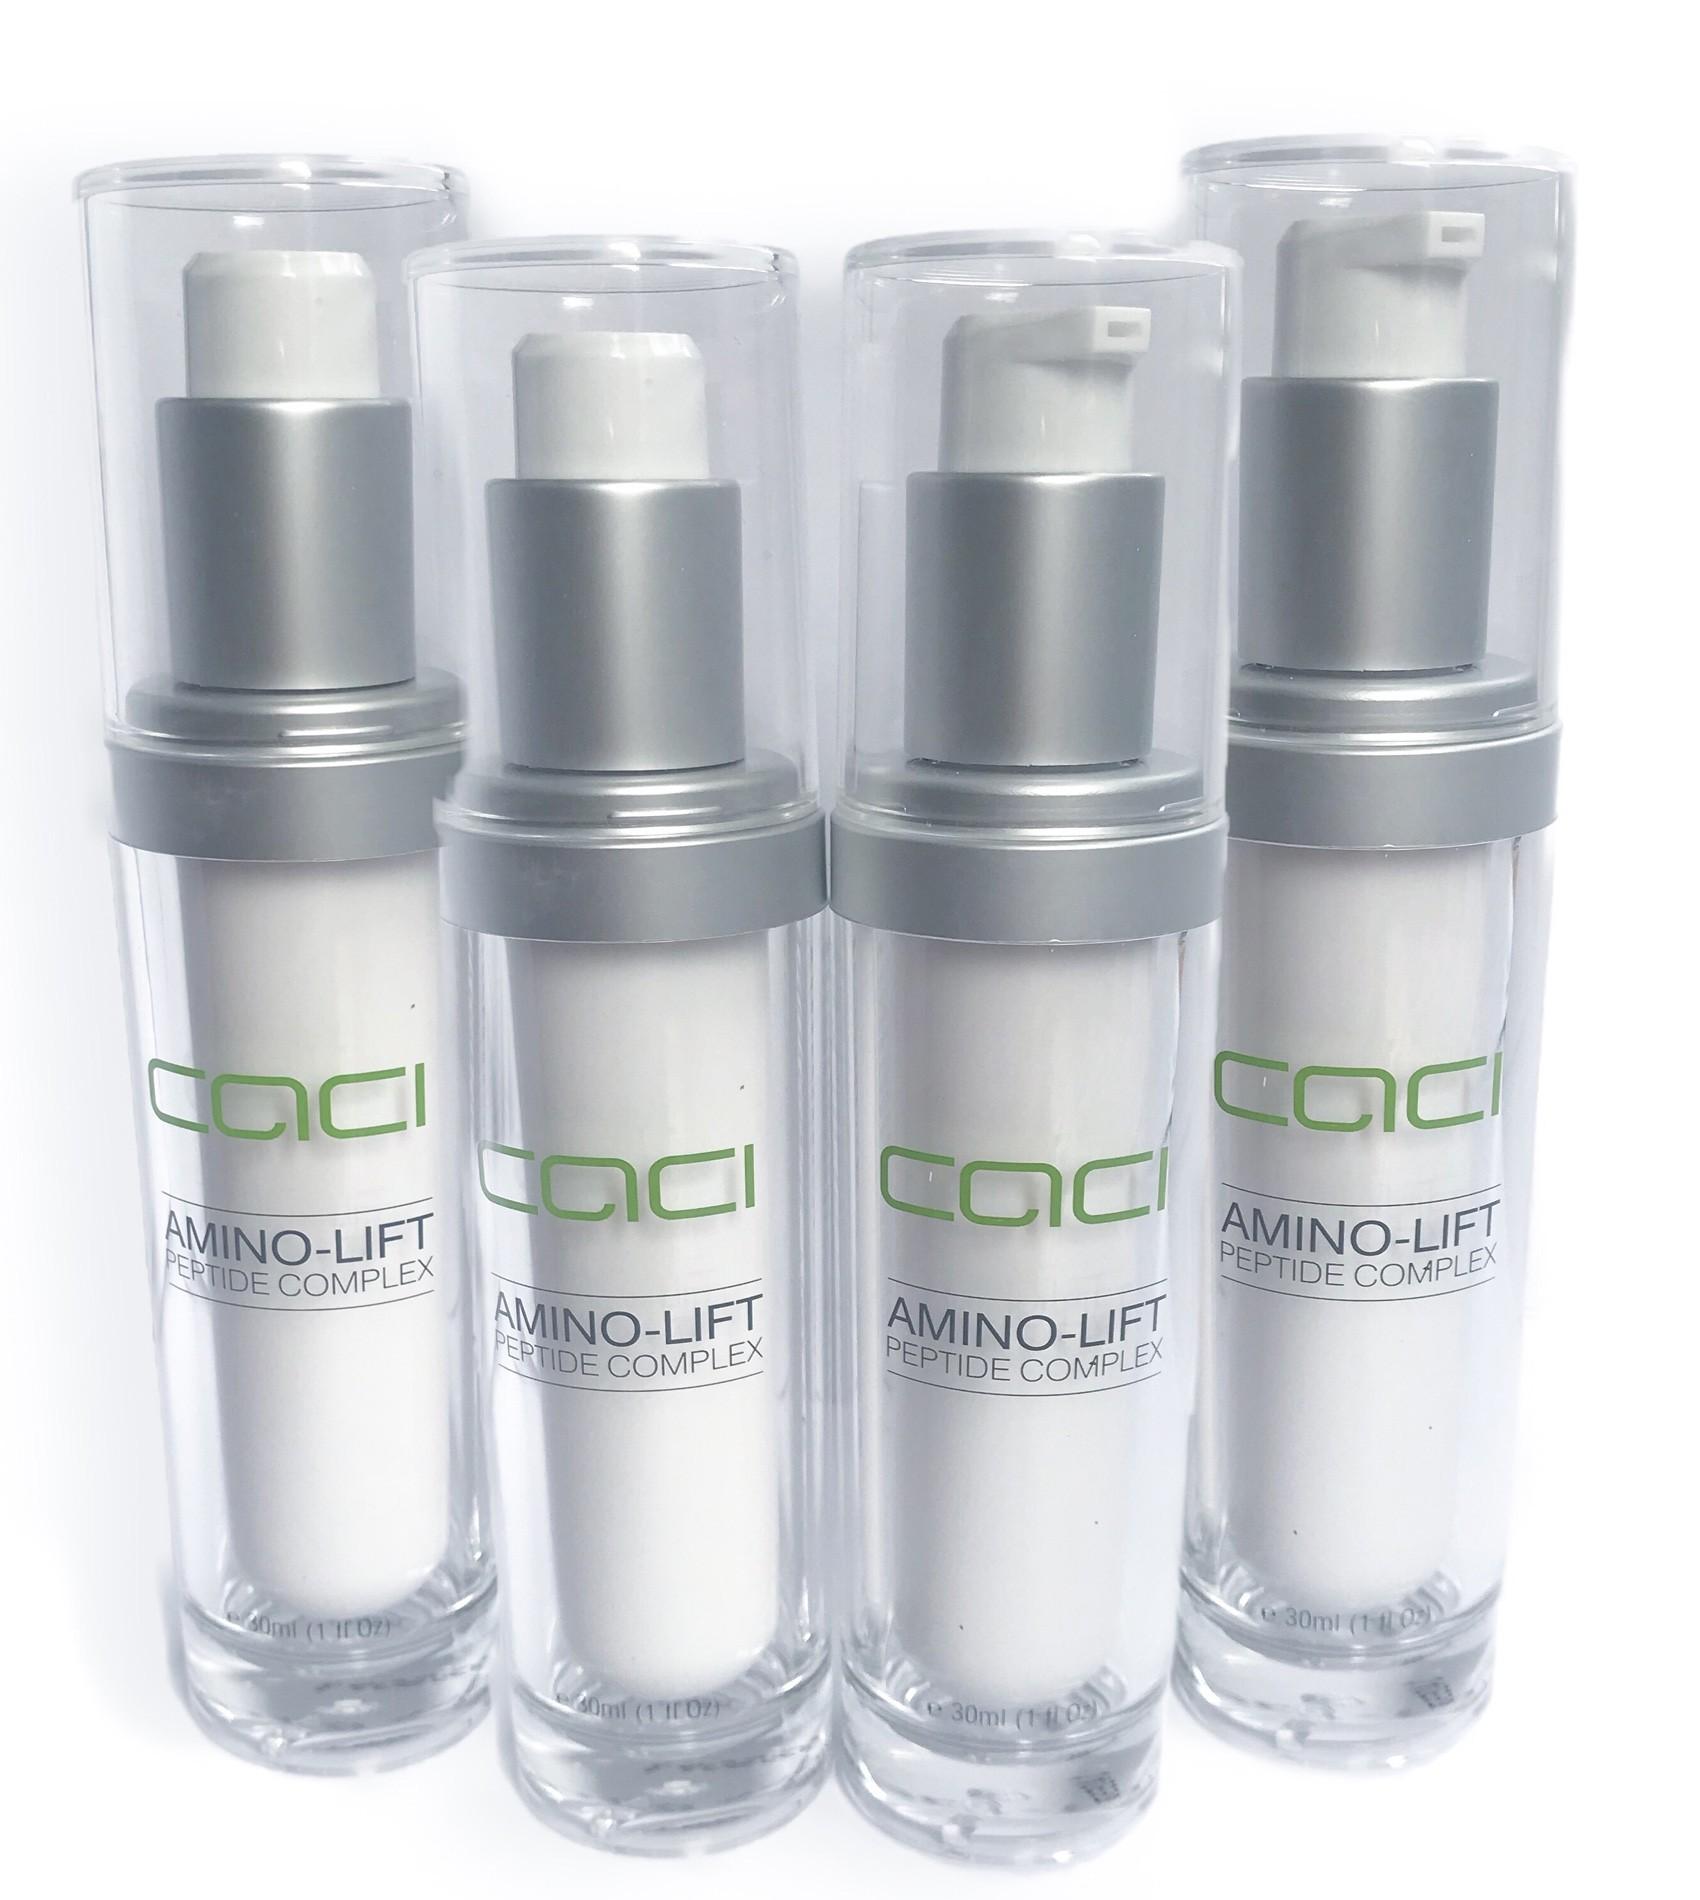 4 x Caci Amino Lift Peptide Complex